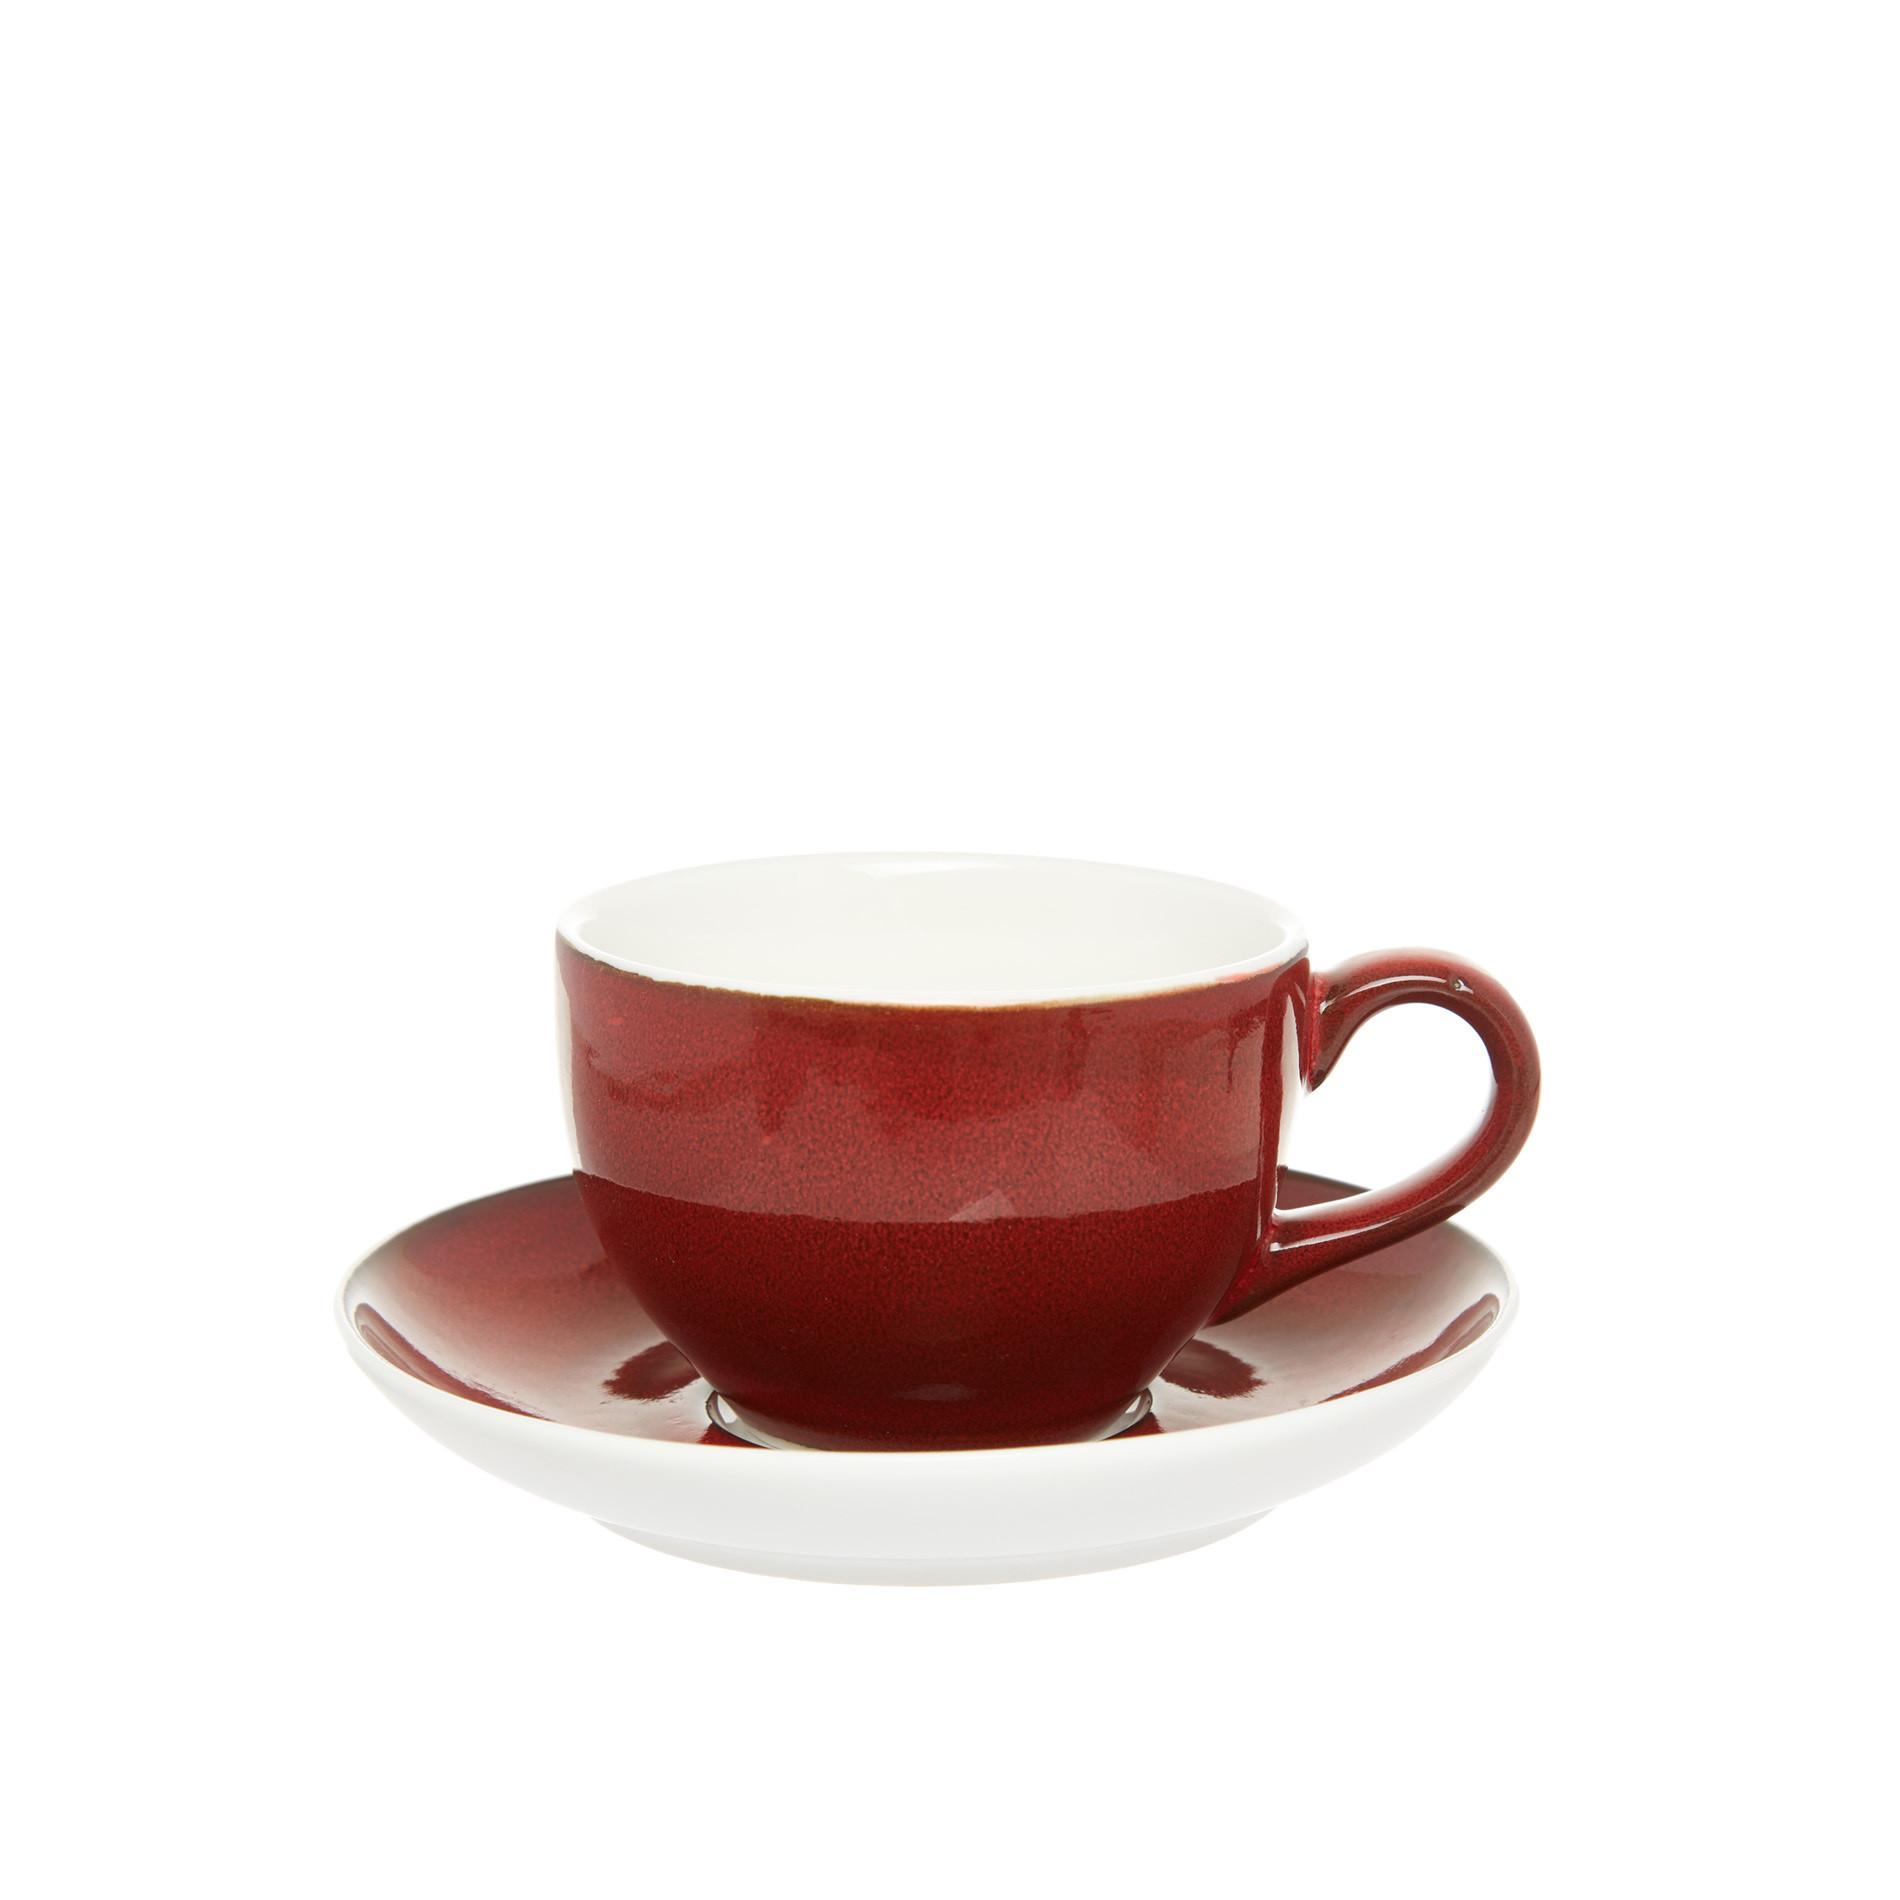 Tazza da tè porcellana effetto puntinato, Bianco/Rosso, large image number 0